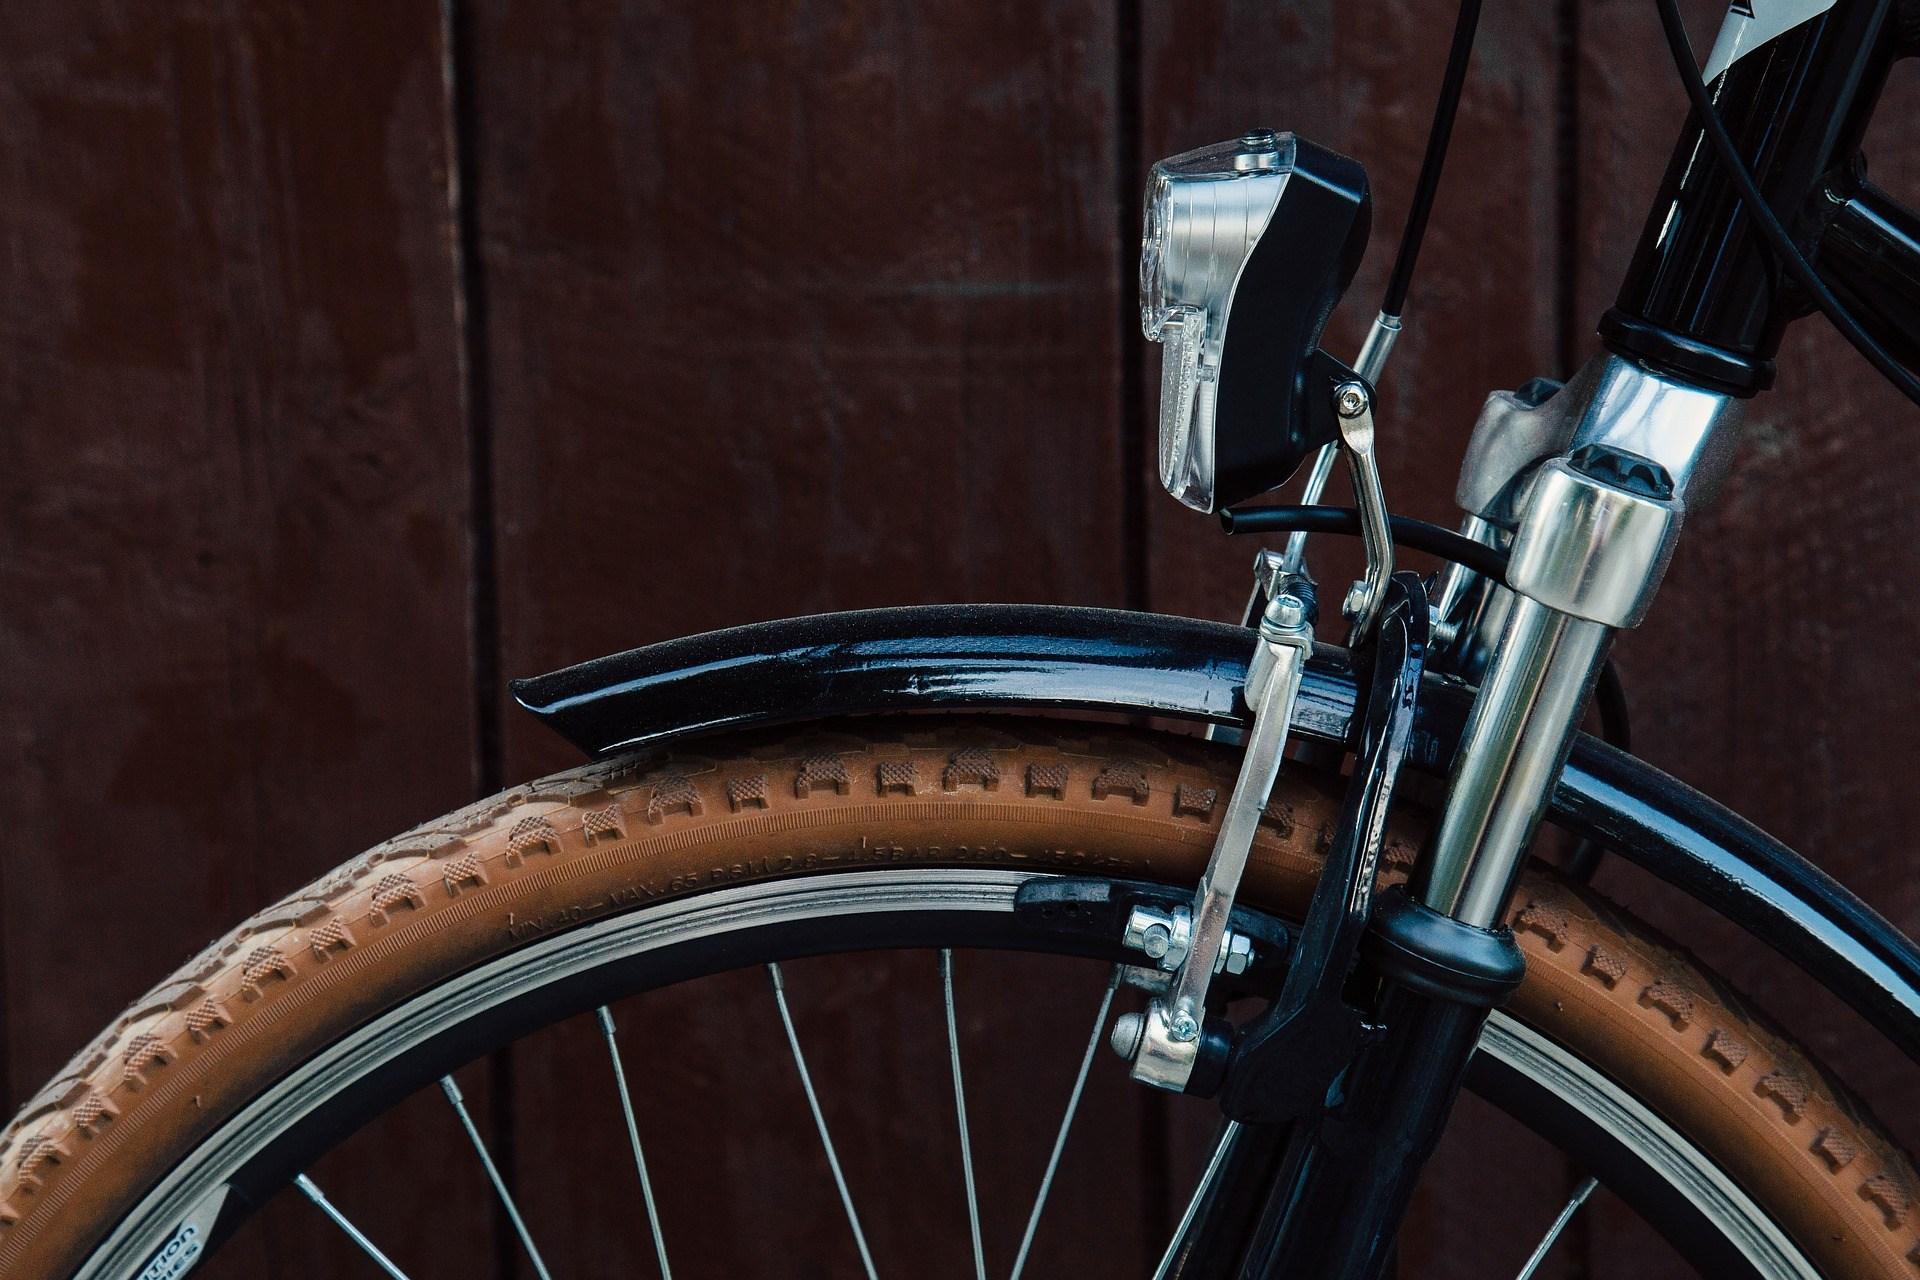 Pedalata assistita e bici elettrica: spostarsi senza inquinare